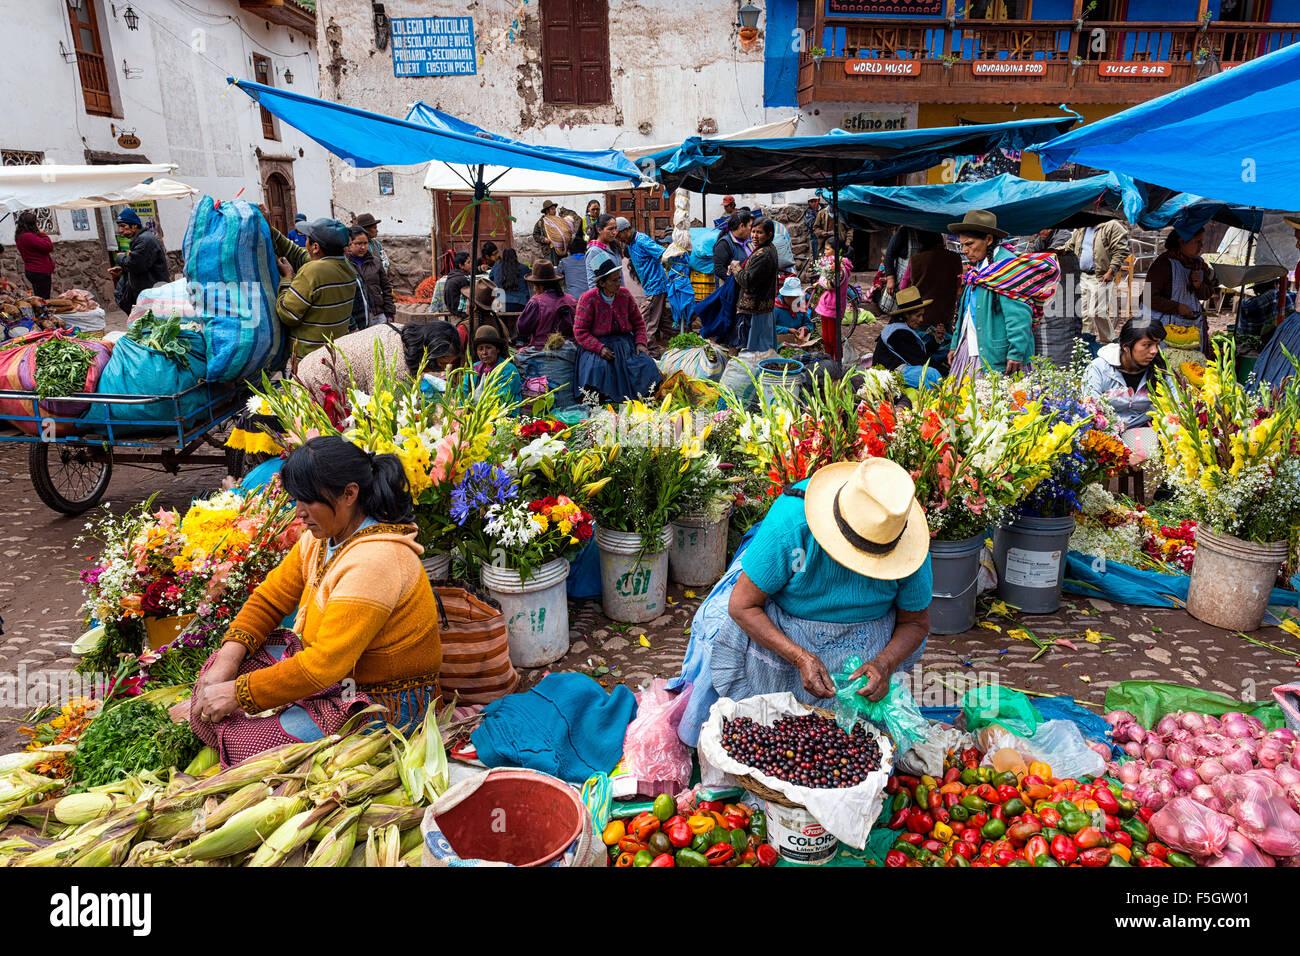 Pisac, Peru - Dezember 2013: Einheimische auf einem Markt in der Stadt von Pisac, im Heiligen Tal. Stockbild